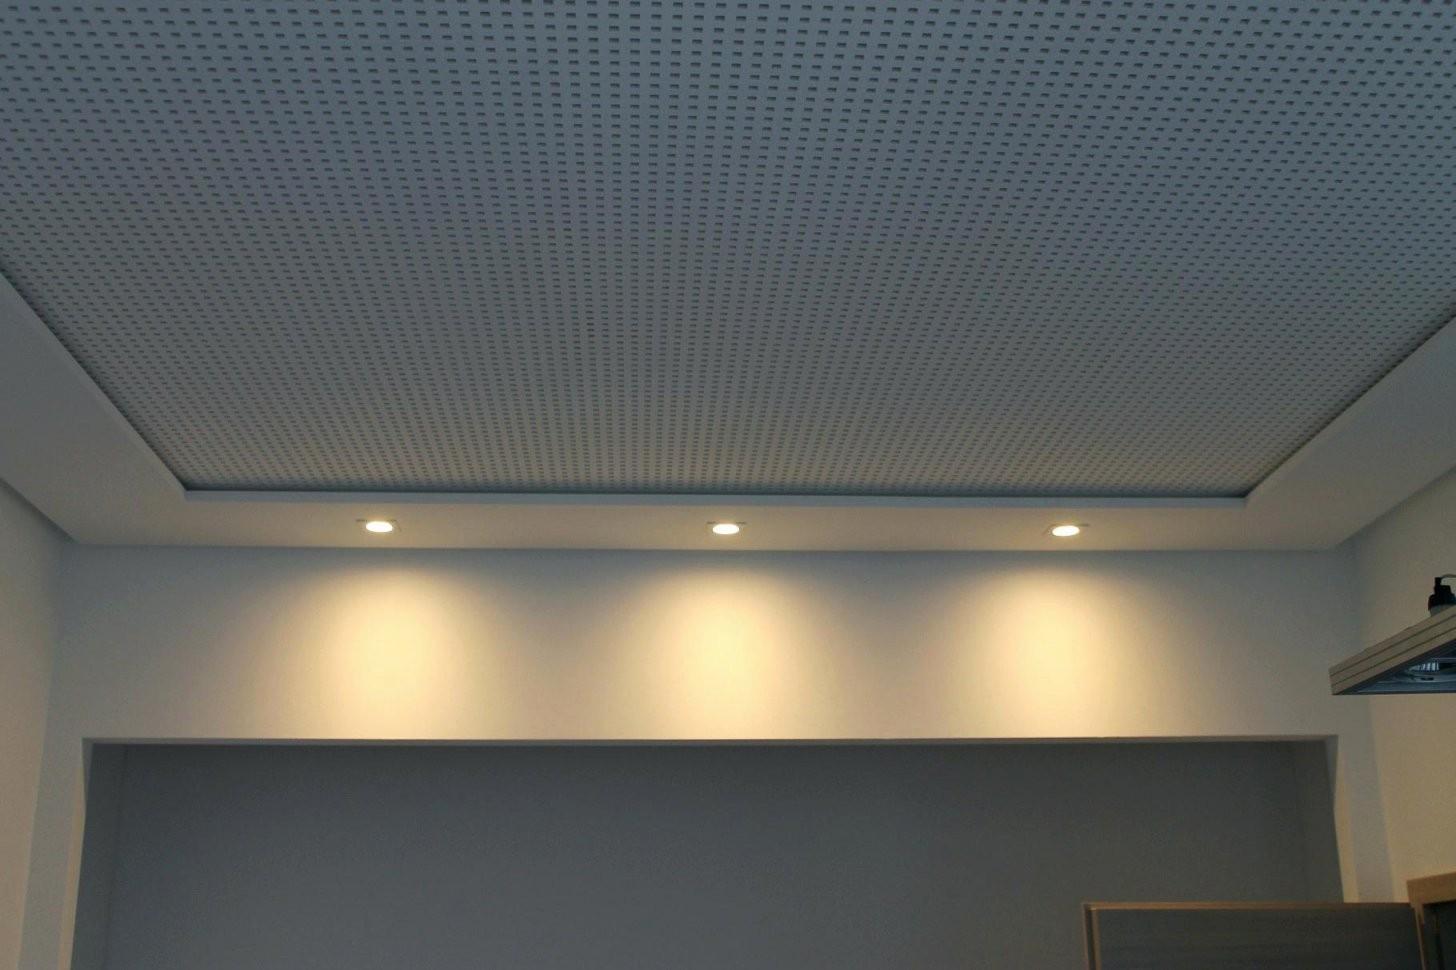 Lichtvoute Selber Bauen Schön Indirekte Beleuchtung Wand Selber von Indirekte Beleuchtung Selber Bauen Wand Photo